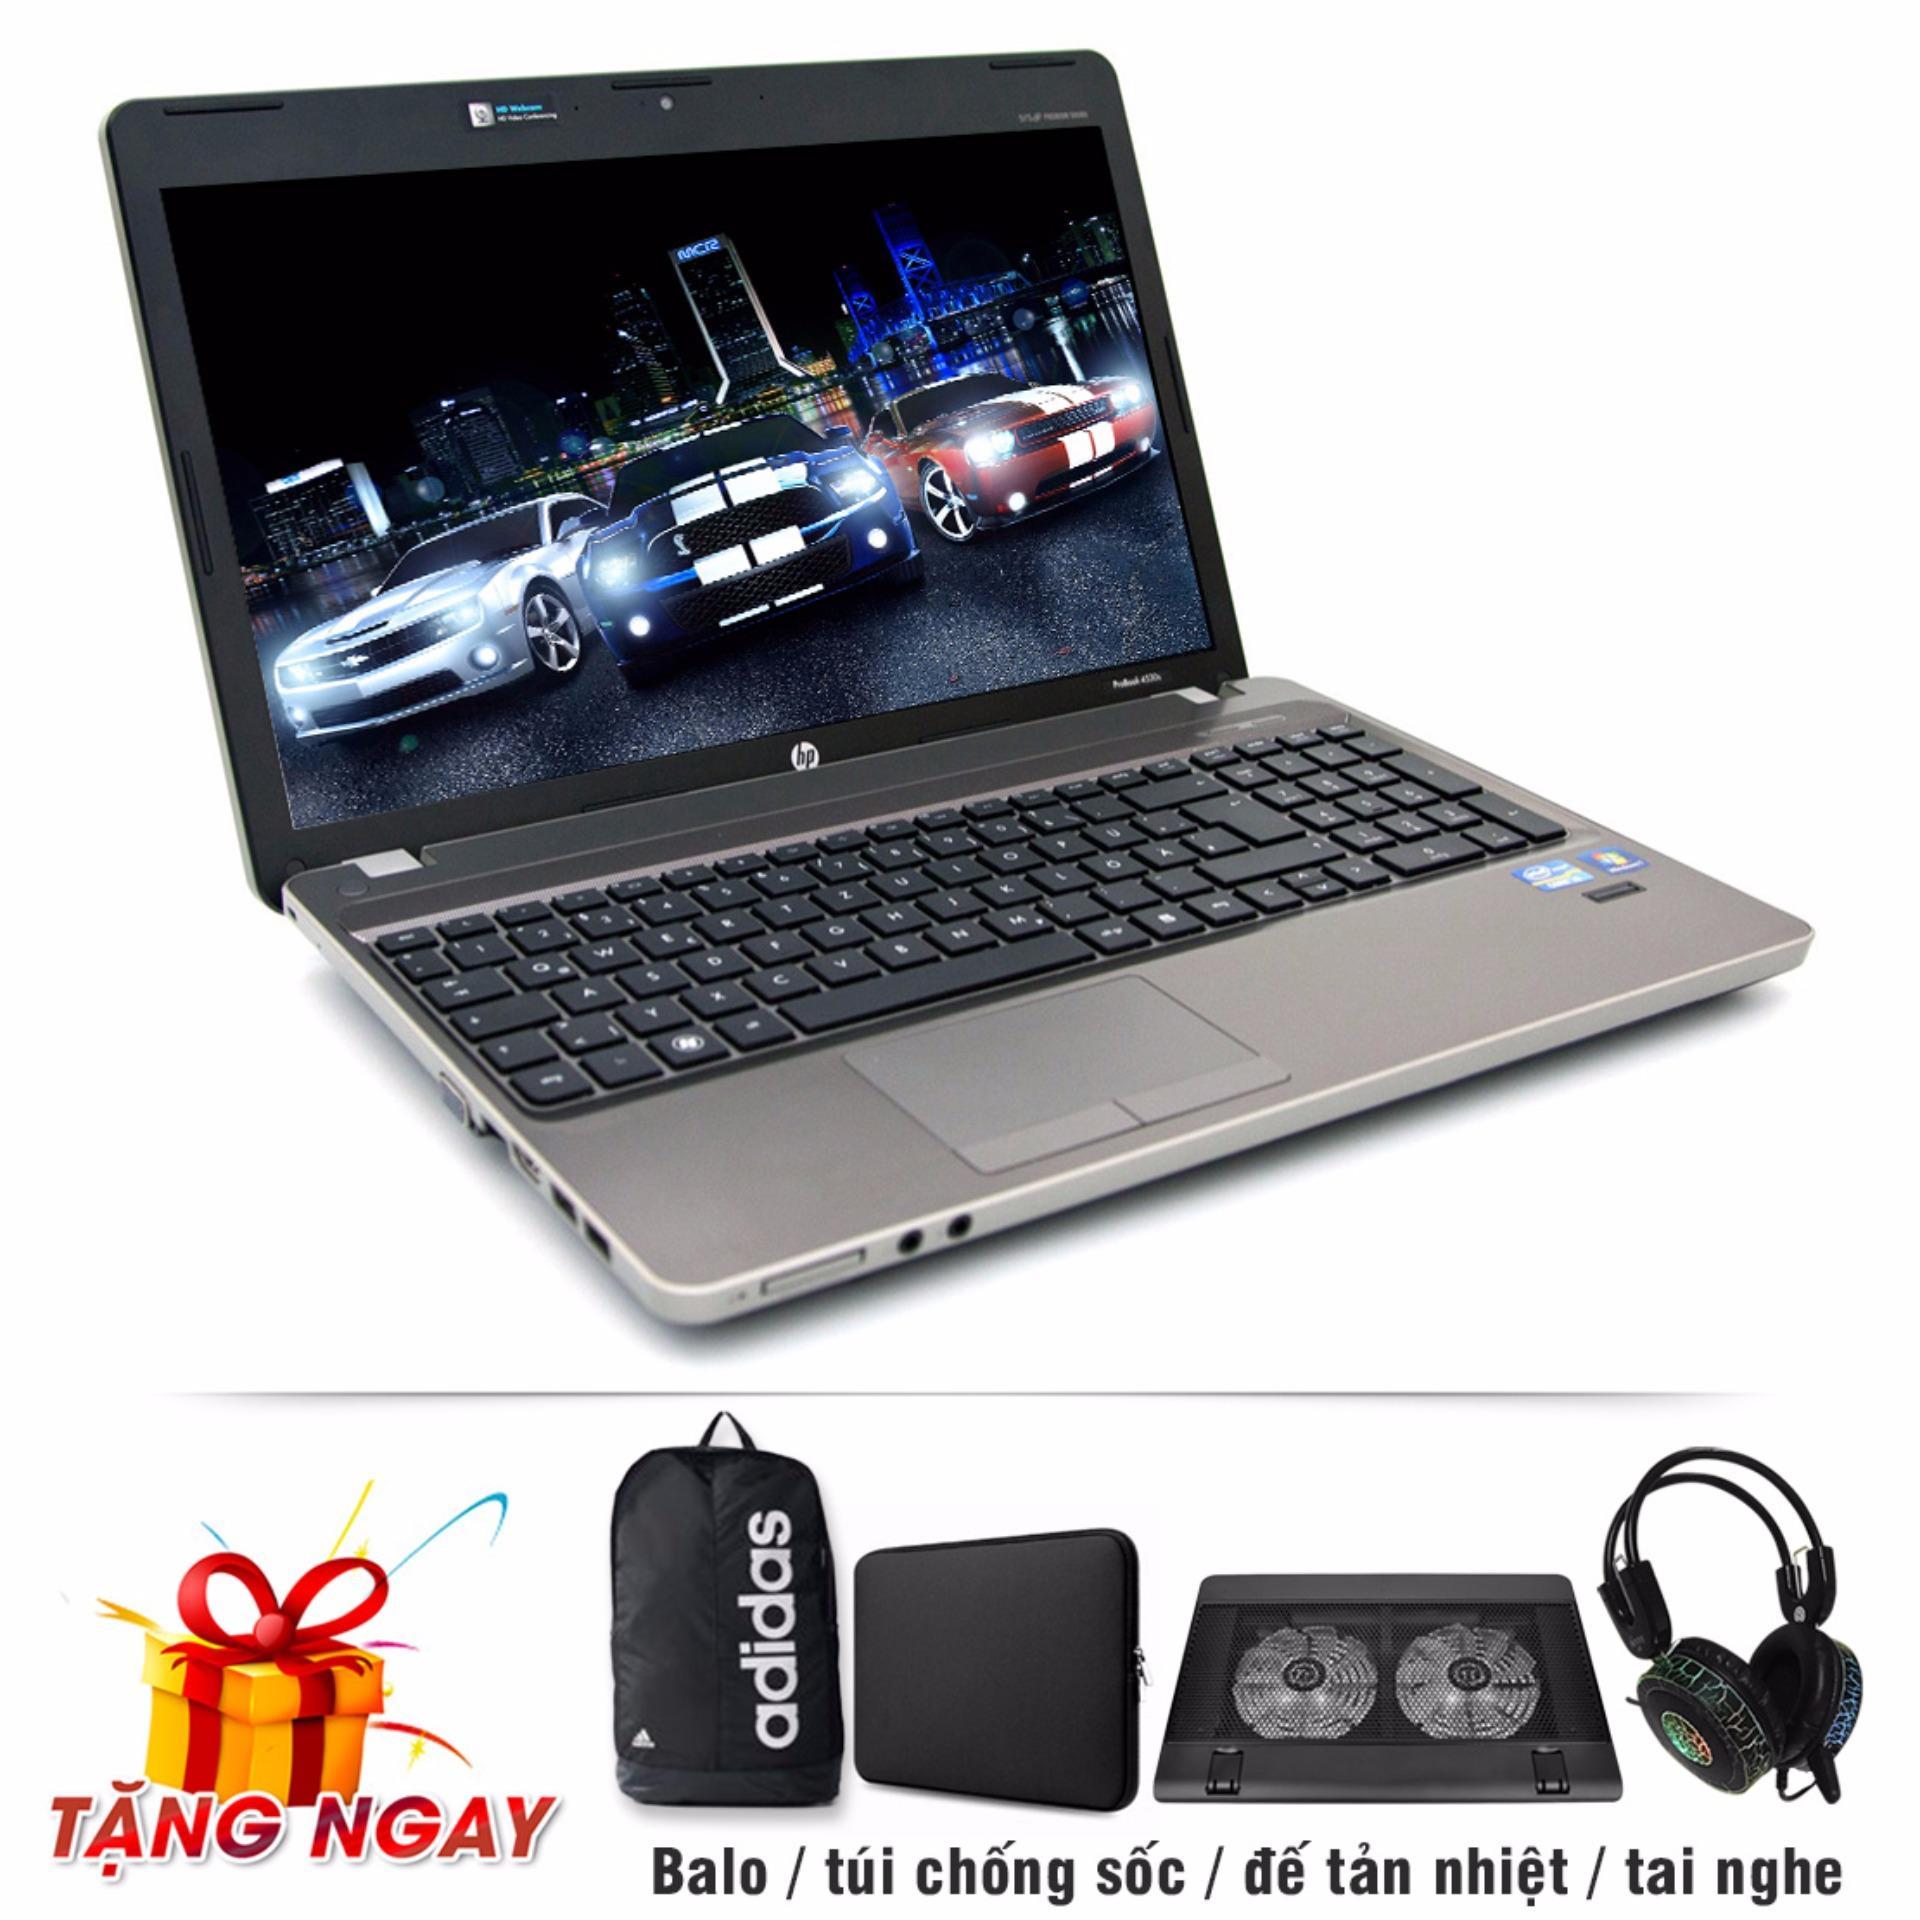 Laptop HP EliteBook 8460p ( i5-2520M, 14inch, 4GB, HDD 250GB ) + Bộ Quà Tặng - Hàng Nhập Khẩu